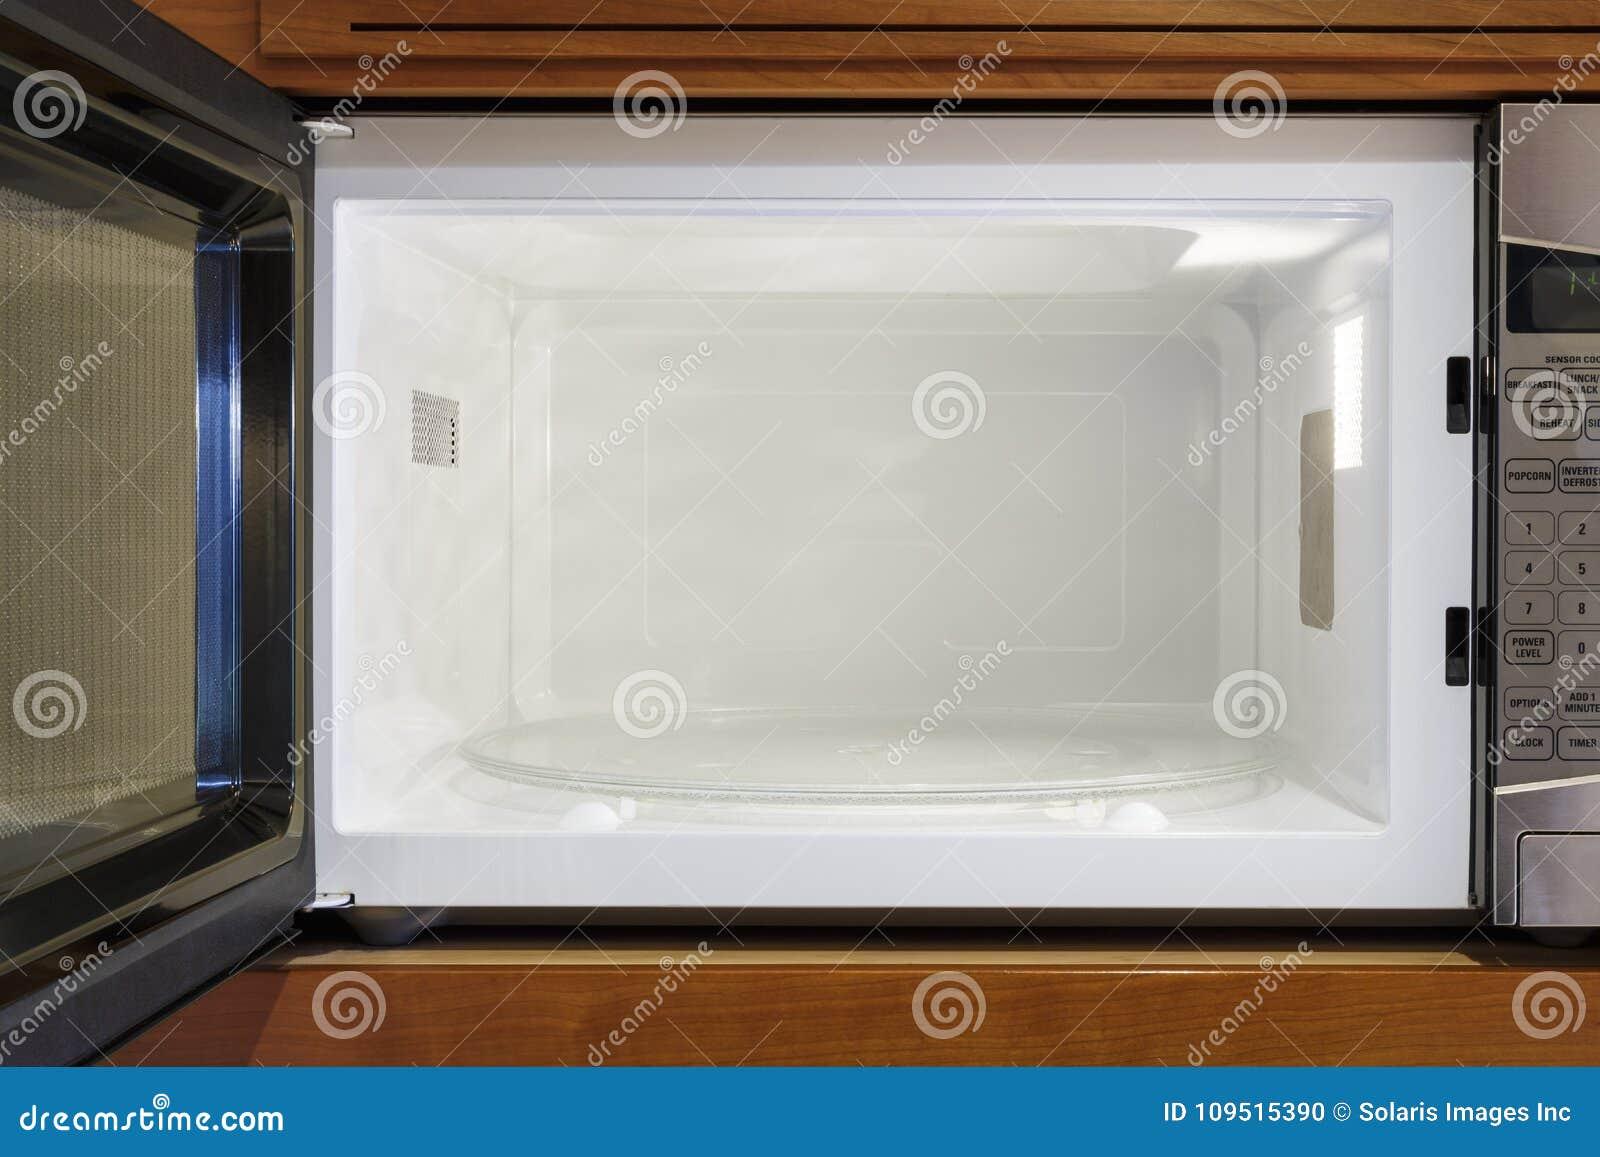 开放,空,干净的微波炉厨房家庭电装置内部里面视图